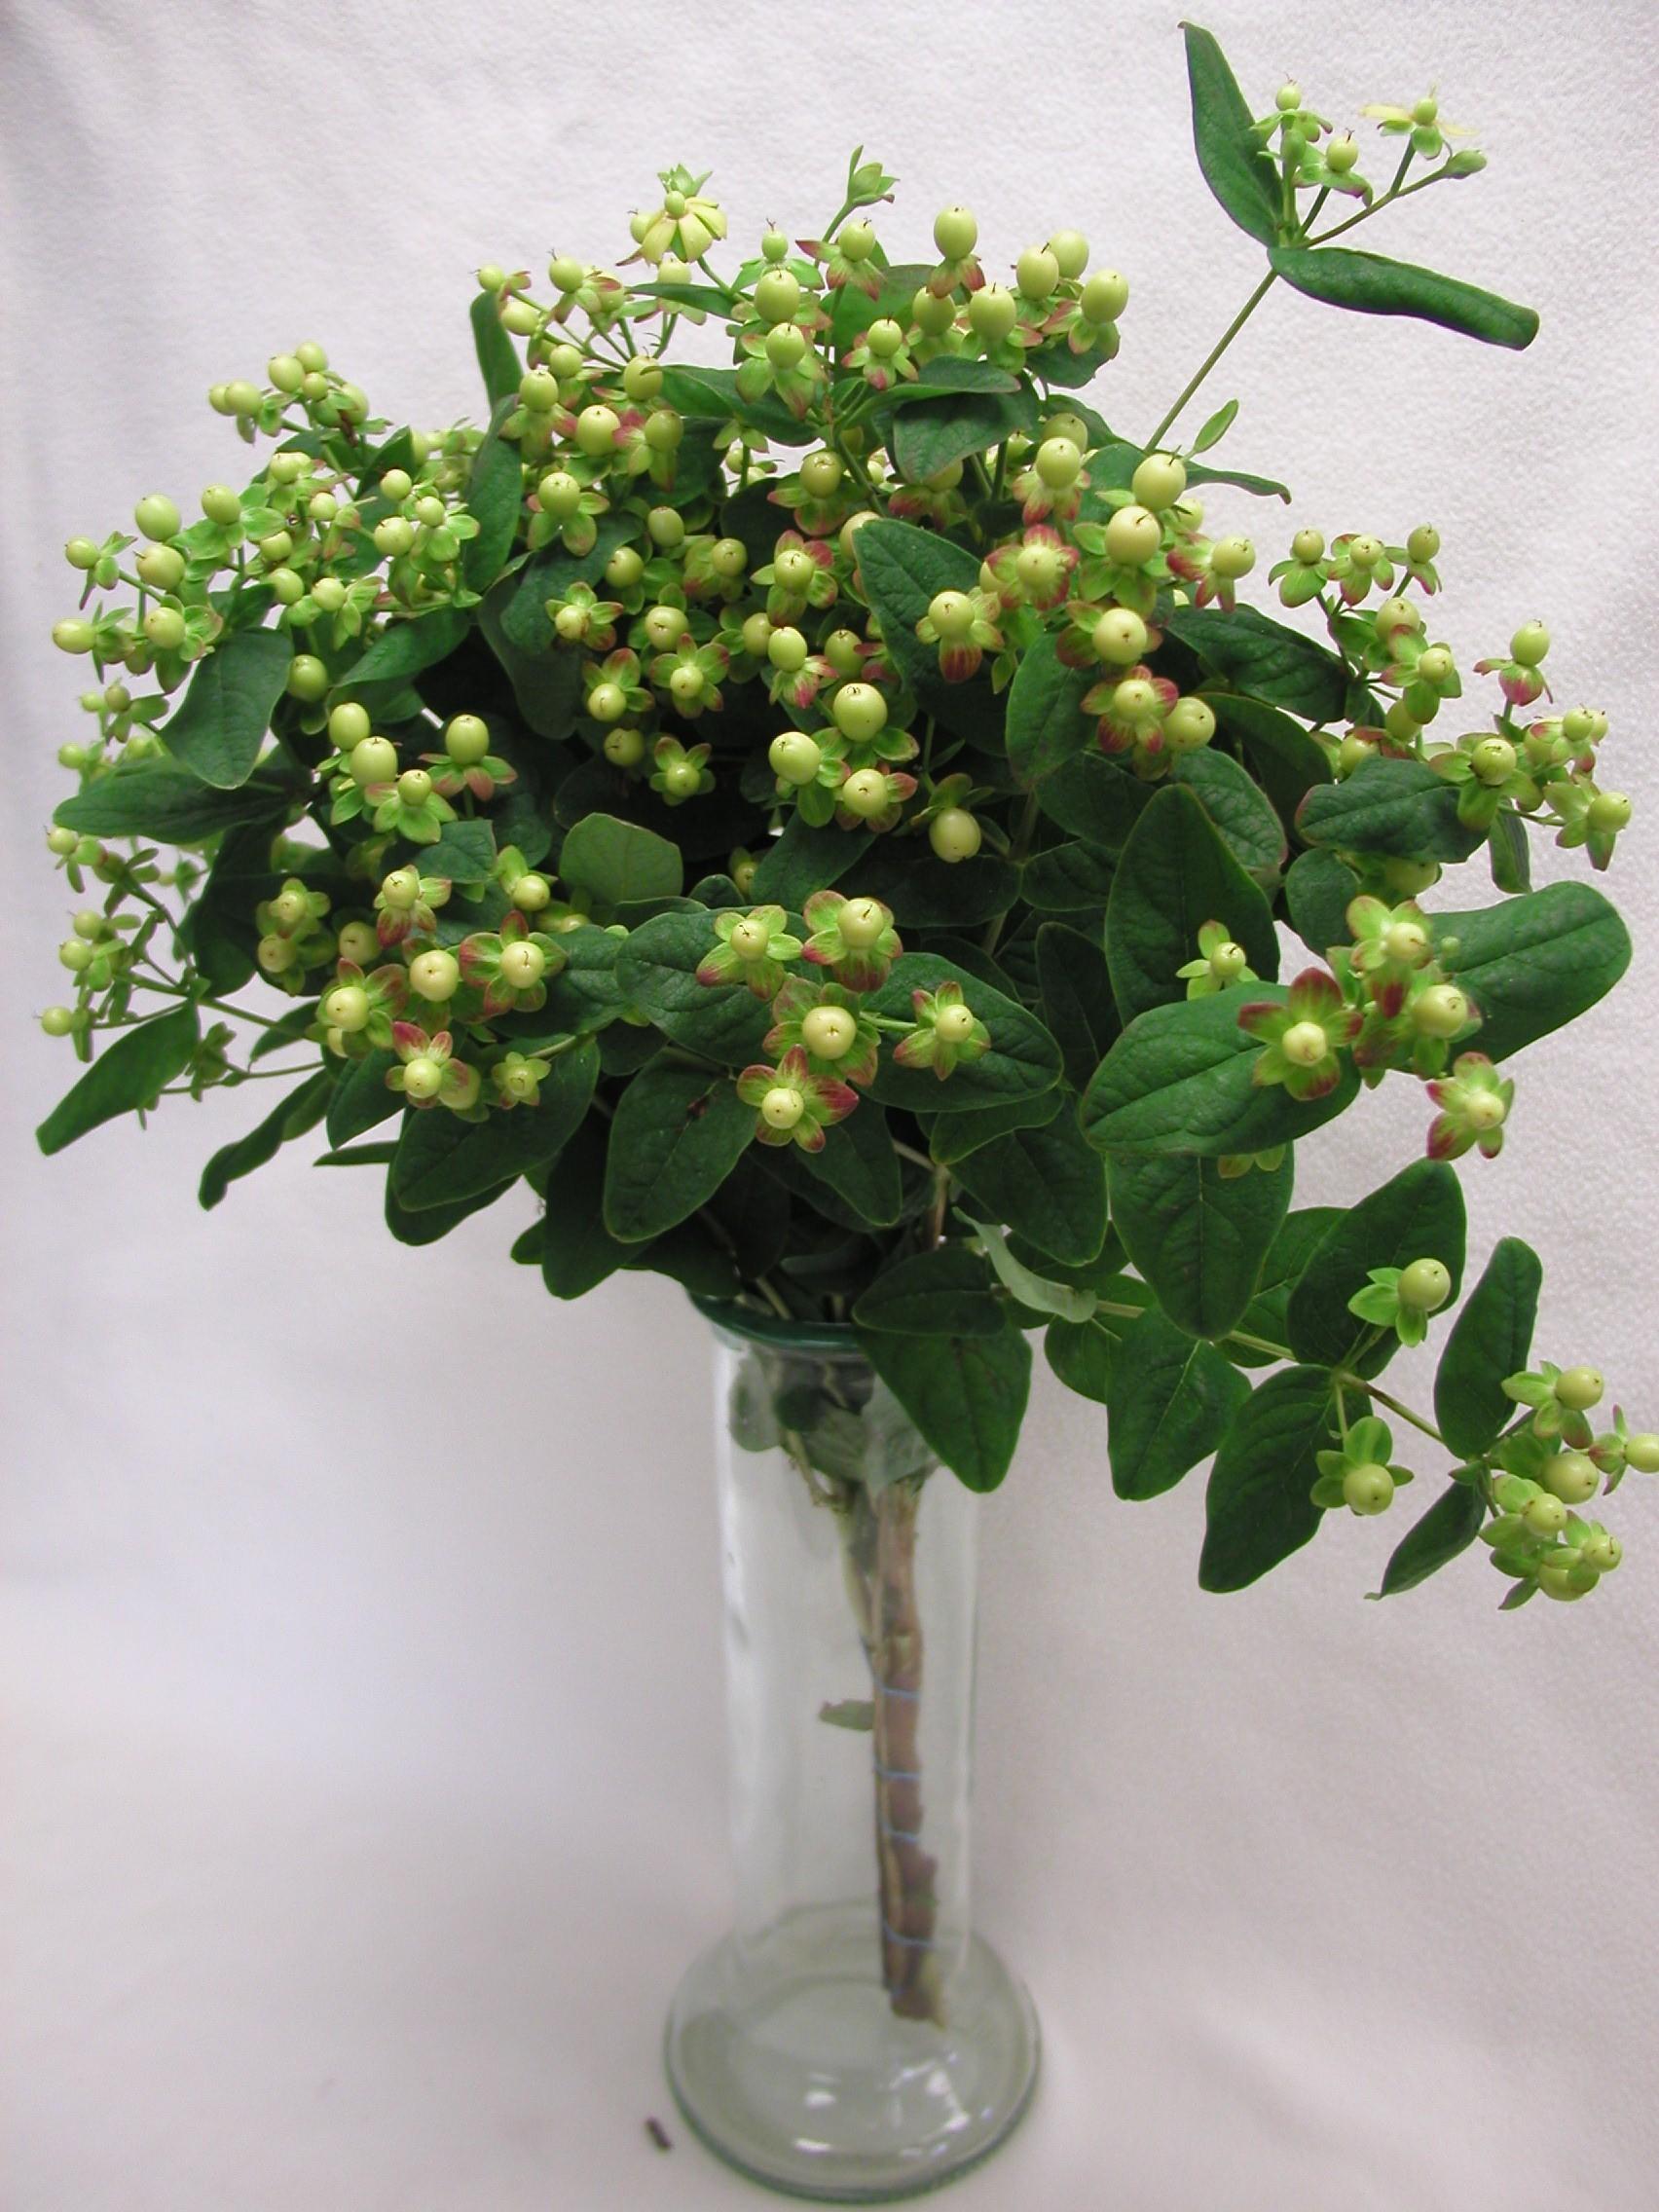 green hypericum